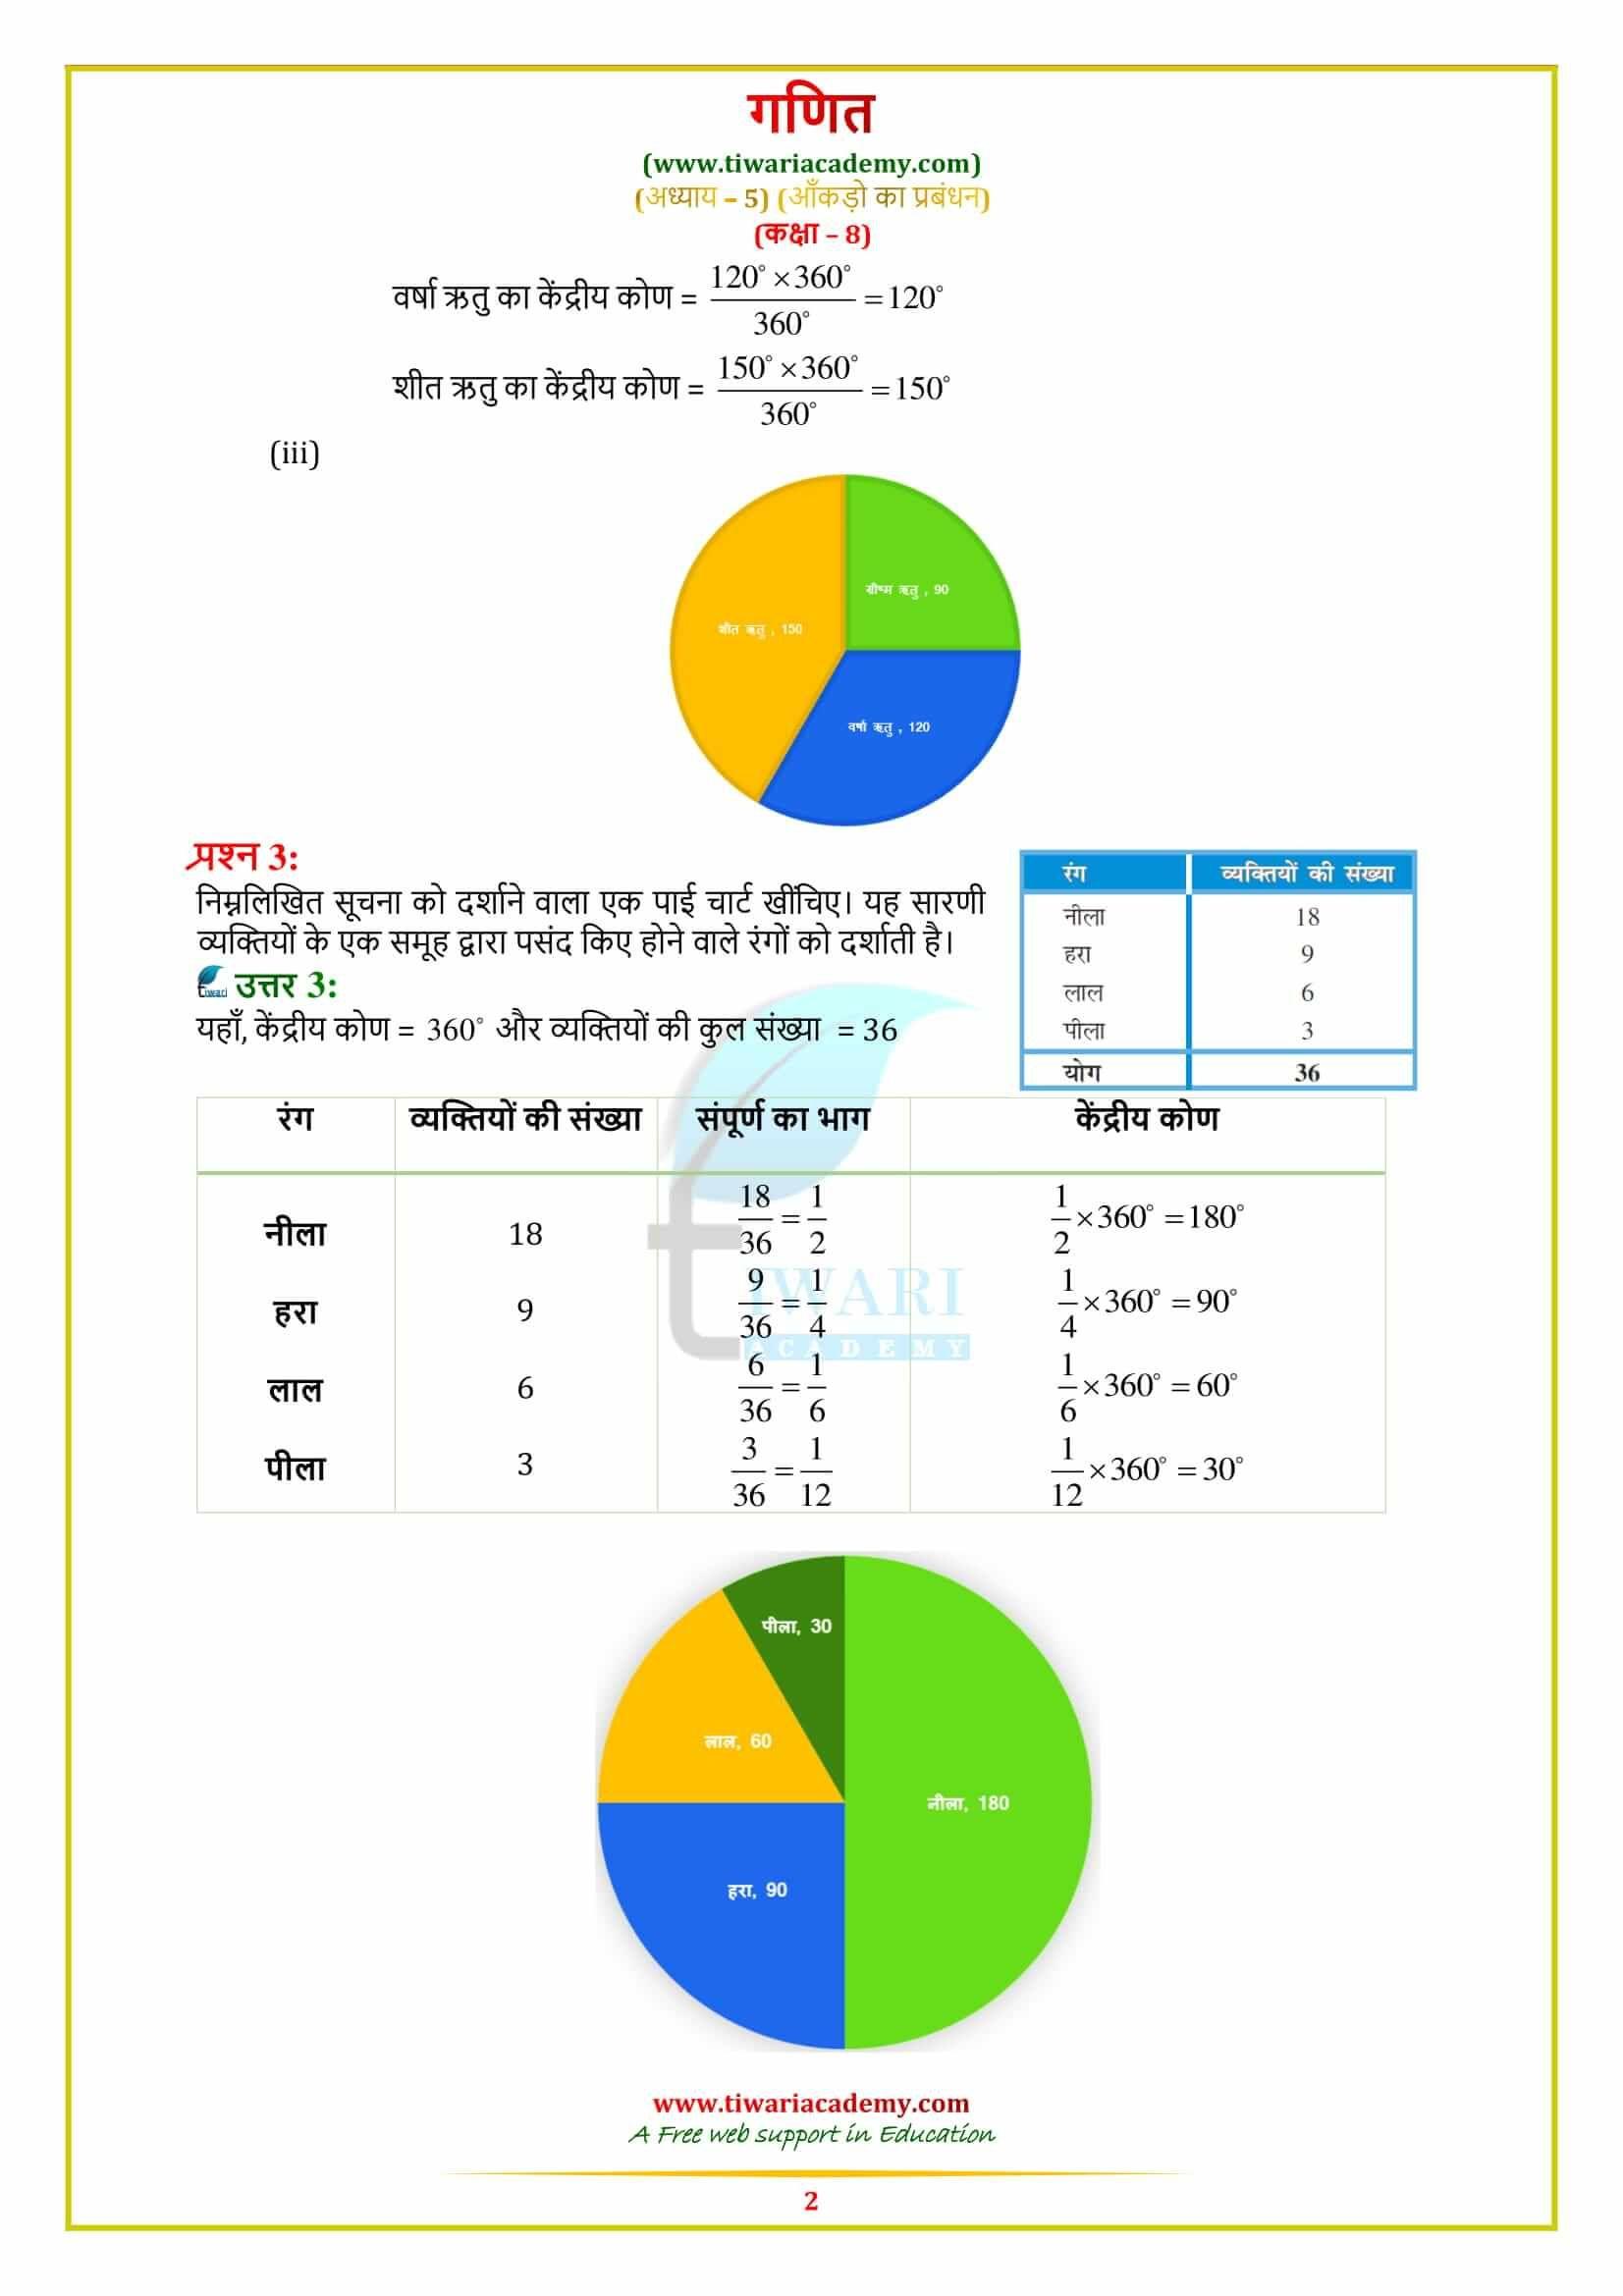 Cbse Ncert Solutions For Class 8 Maths Chapter 5 Data Handling In Hindi Medium Class 8 Math Solutions [ 2339 x 1653 Pixel ]